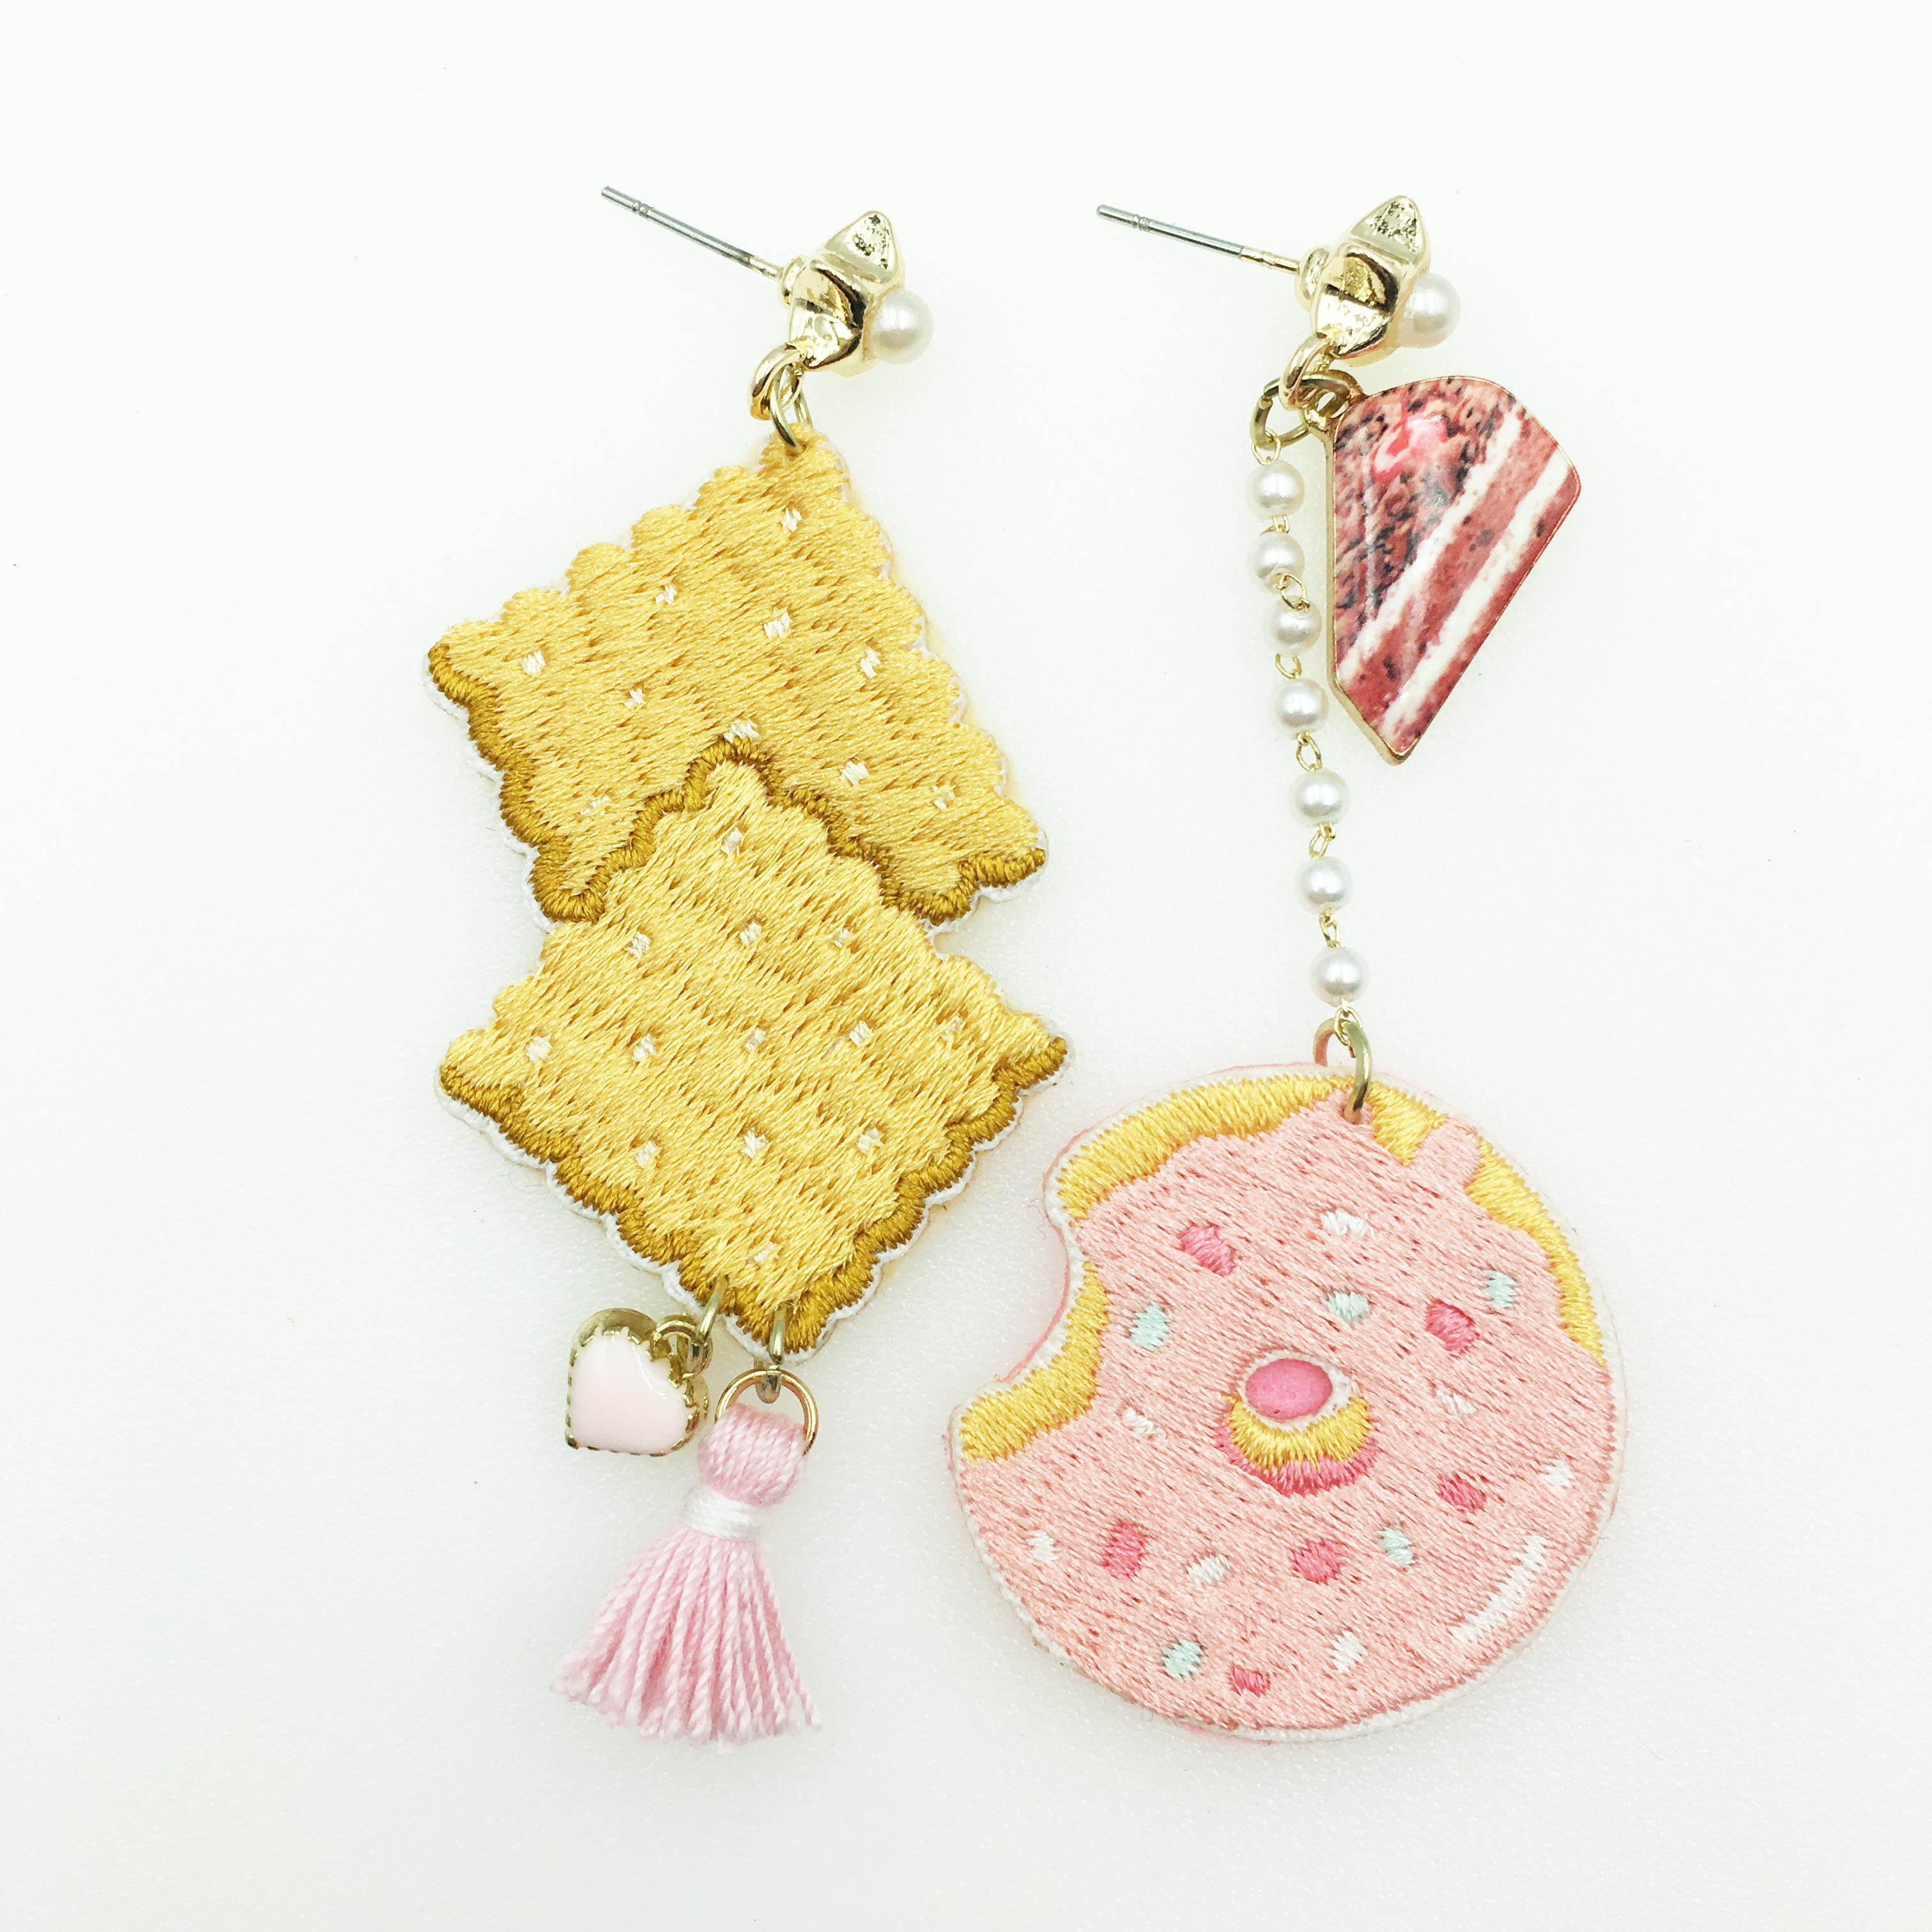 韓國 燙布貼 不對稱 甜甜圈 餅乾 蛋糕 星星 珍珠 流蘇 粉愛心 垂墜感 耳針式耳環